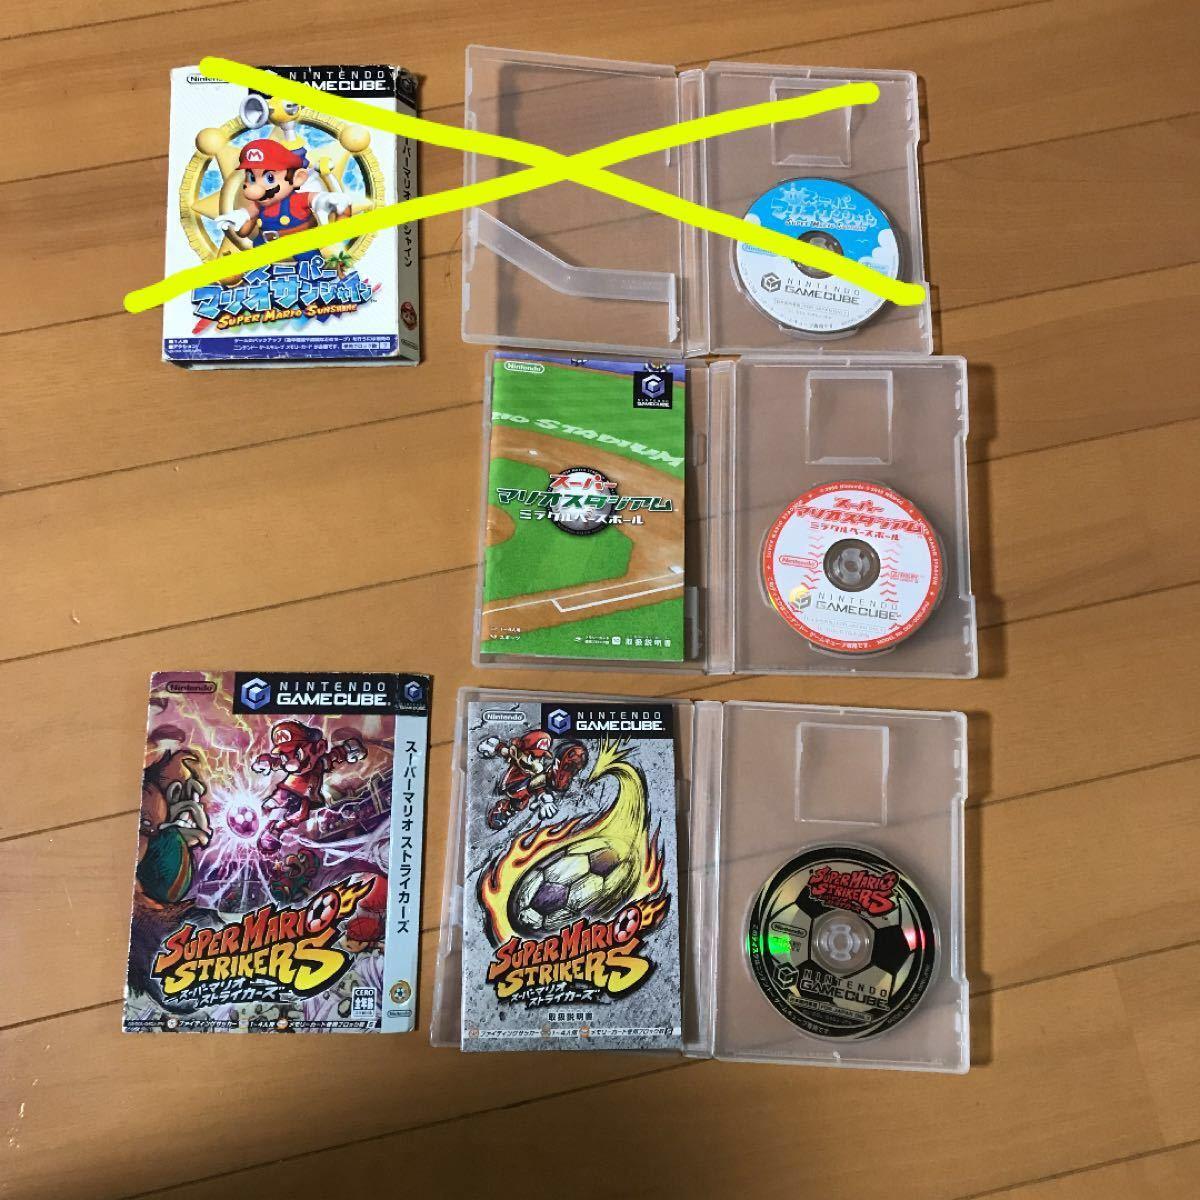 ゲームキューブ ソフト マリオ関連ソフト2本